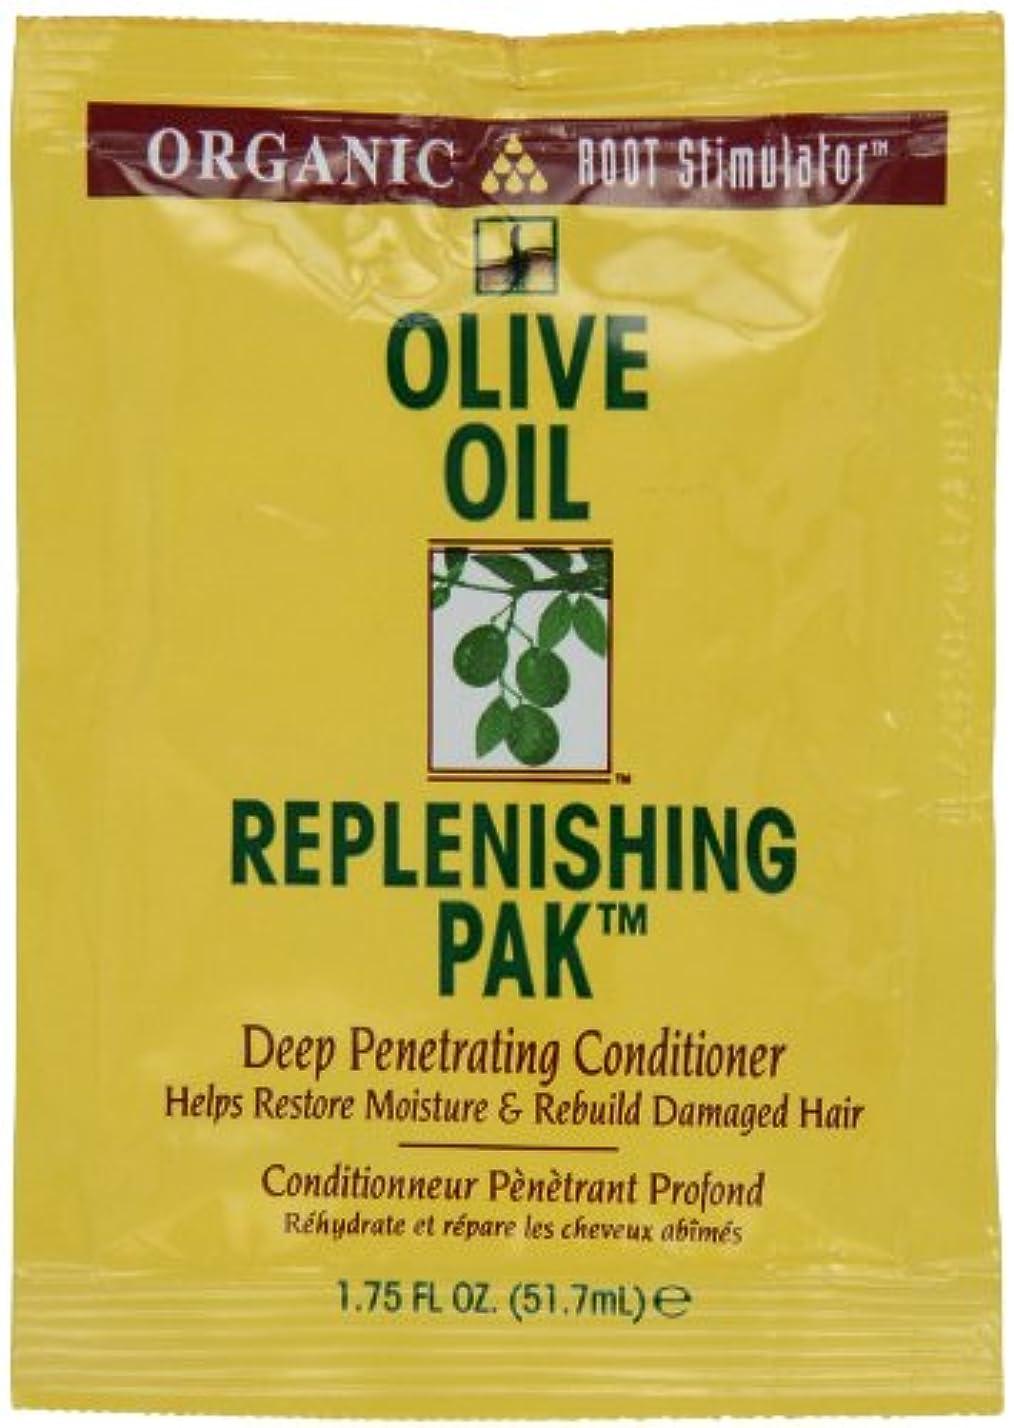 気球安価な生き返らせるオリーブオイル髪いたわりコンディショナーパック (12個) (並行輸入品)